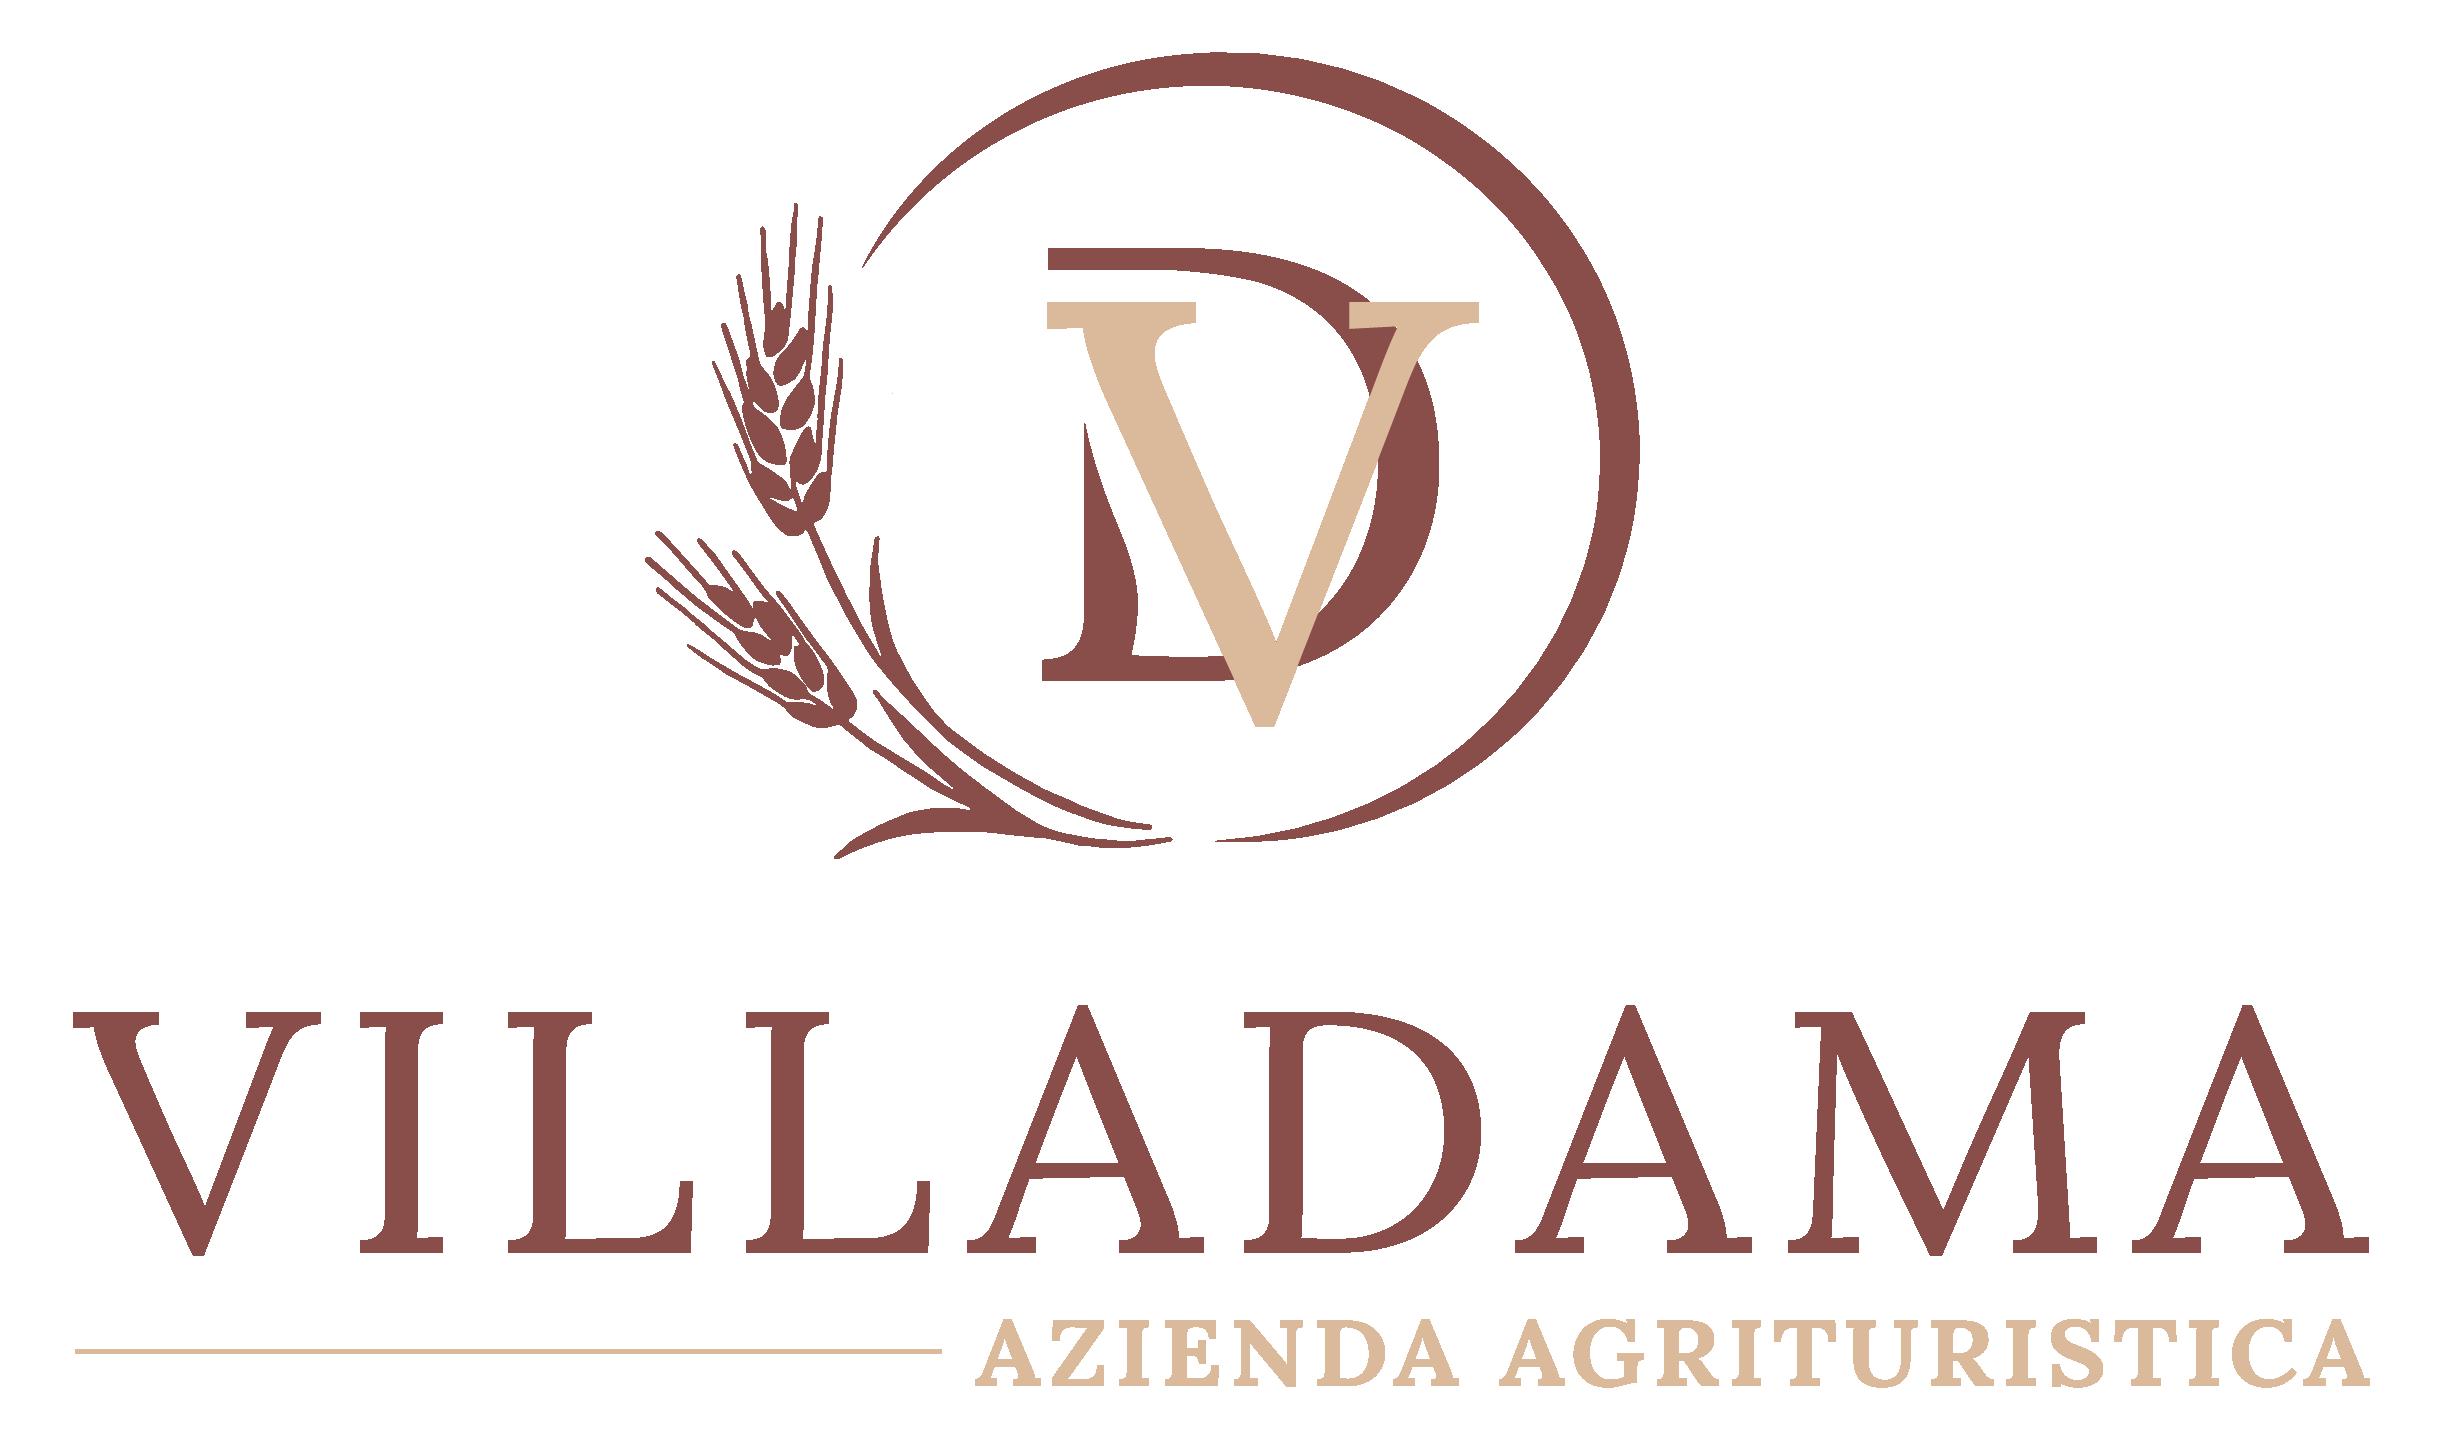 VILLA DAMA AZIENDA AGRITURISTICA - Loc. Valle dell'Olmo, 10 - GUBBIO (Pg)Tel. +39 075.9256130 Mob. +39 346.5832547www.villadama.it info@villadama.it